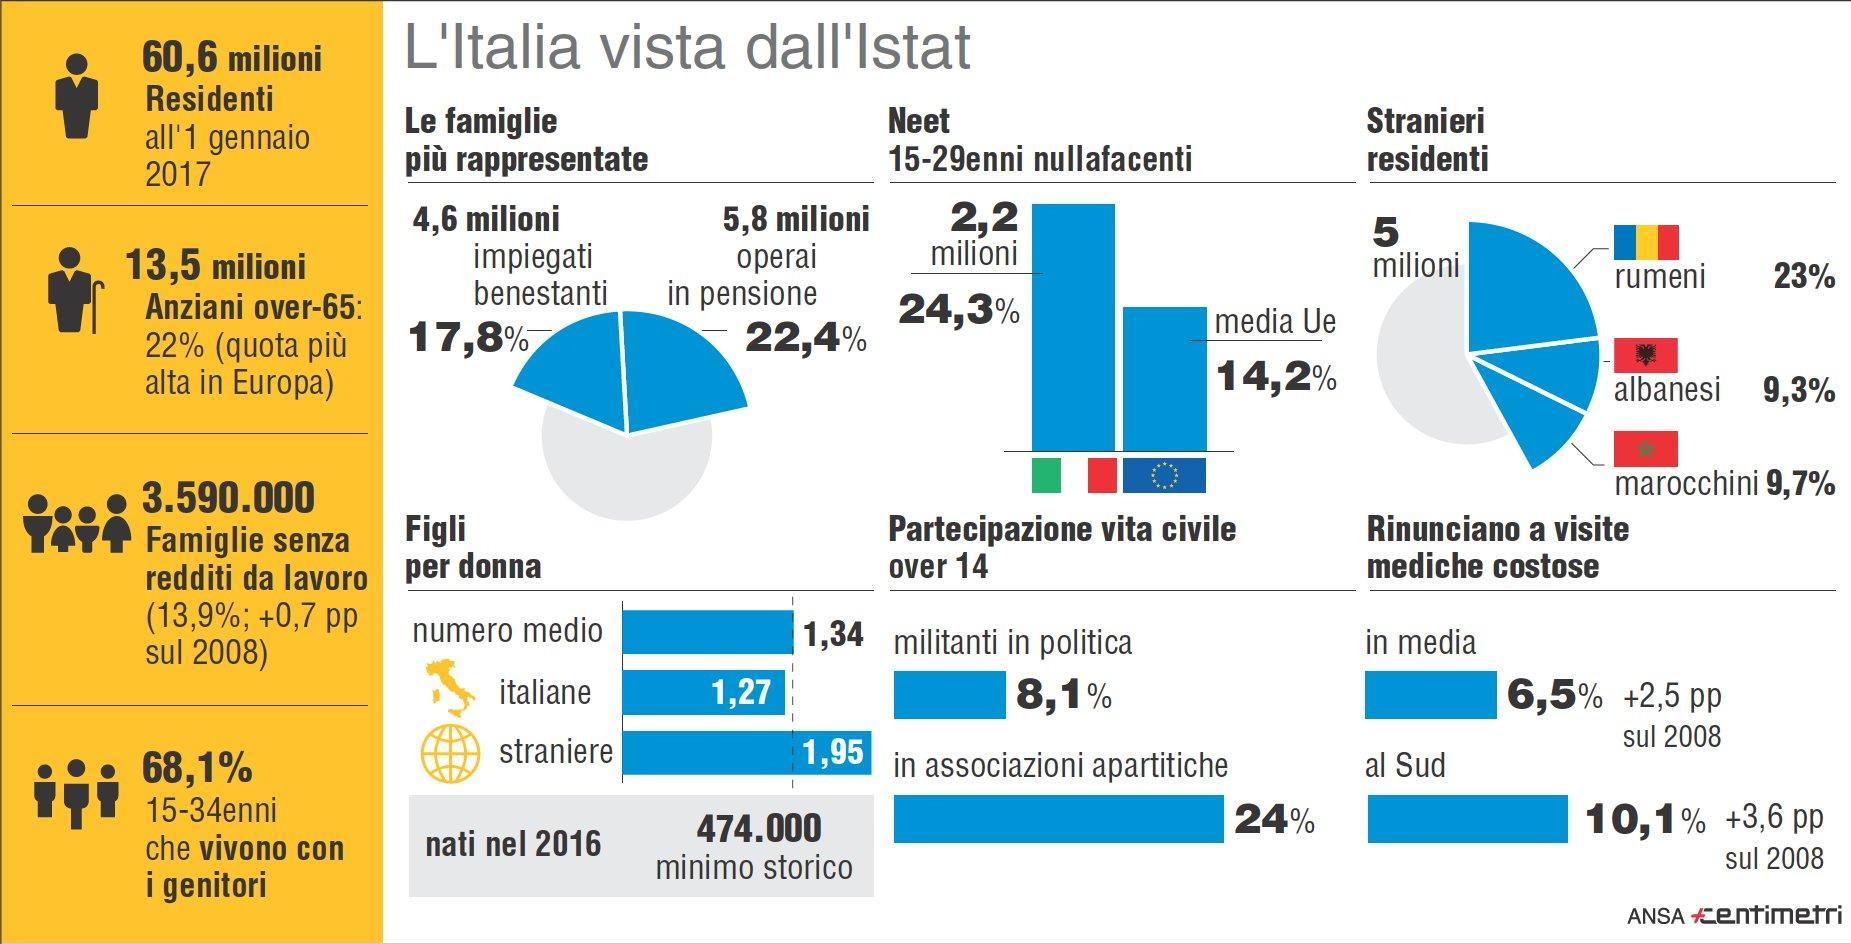 Istat, i dati del rapporto annuale sull Italia